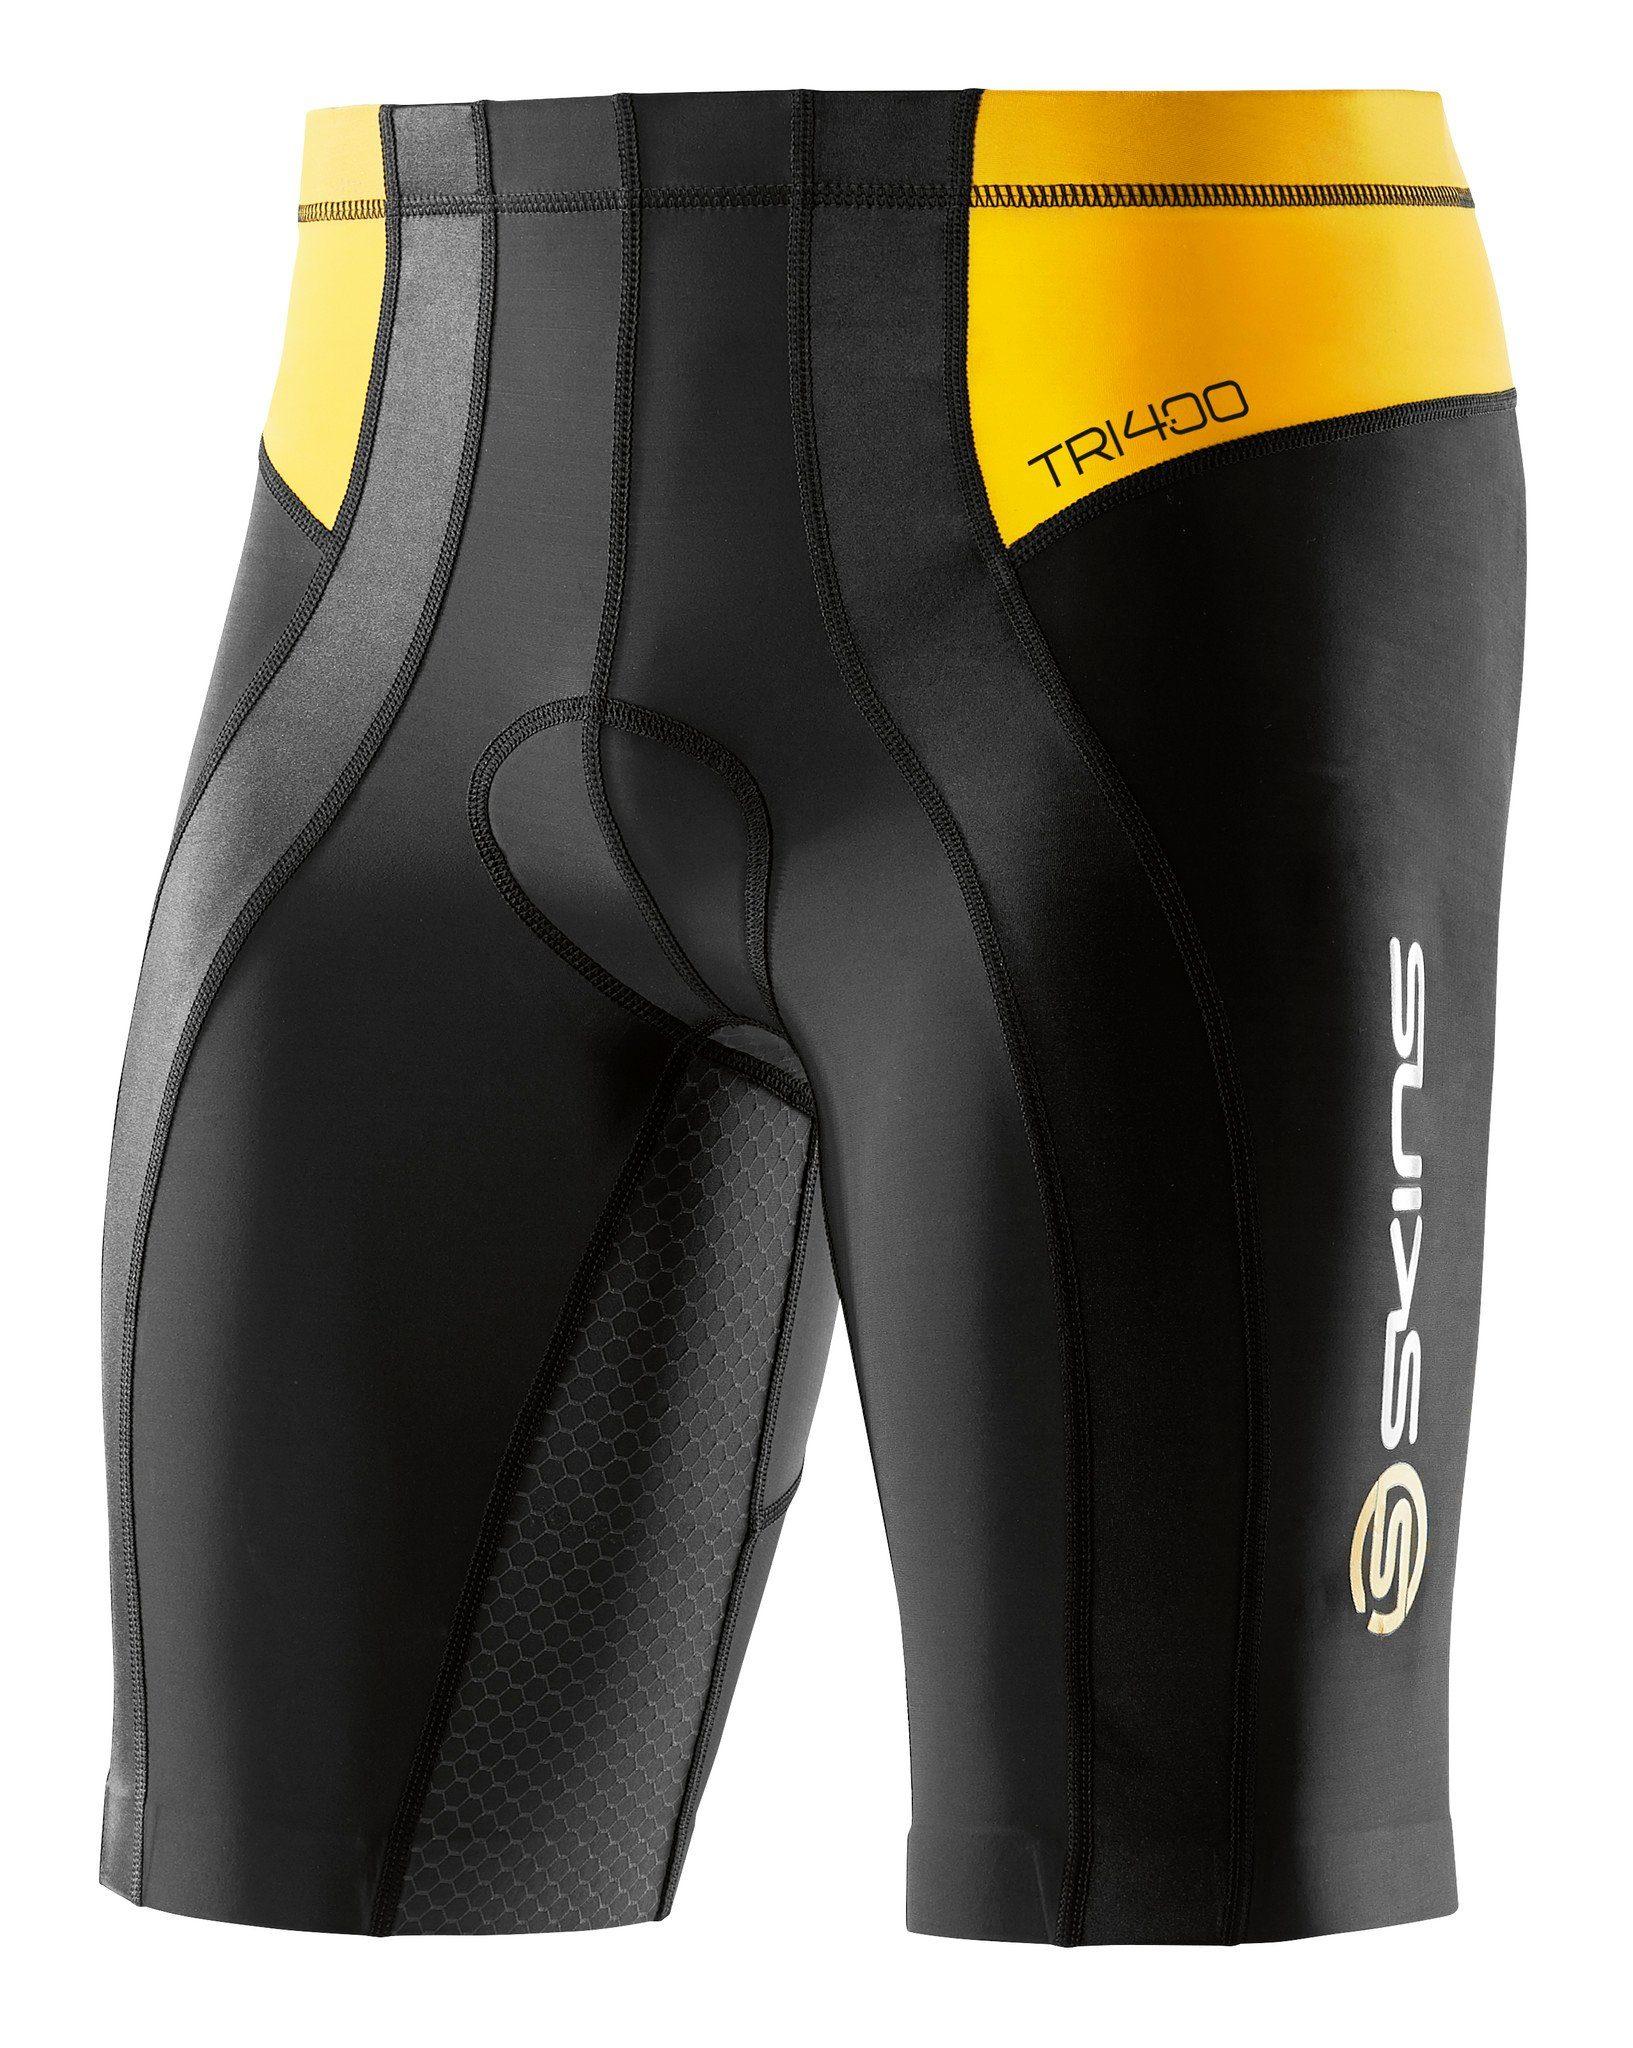 Skins Triathlonbekleidung »TRI400 Tri Shorts Men«